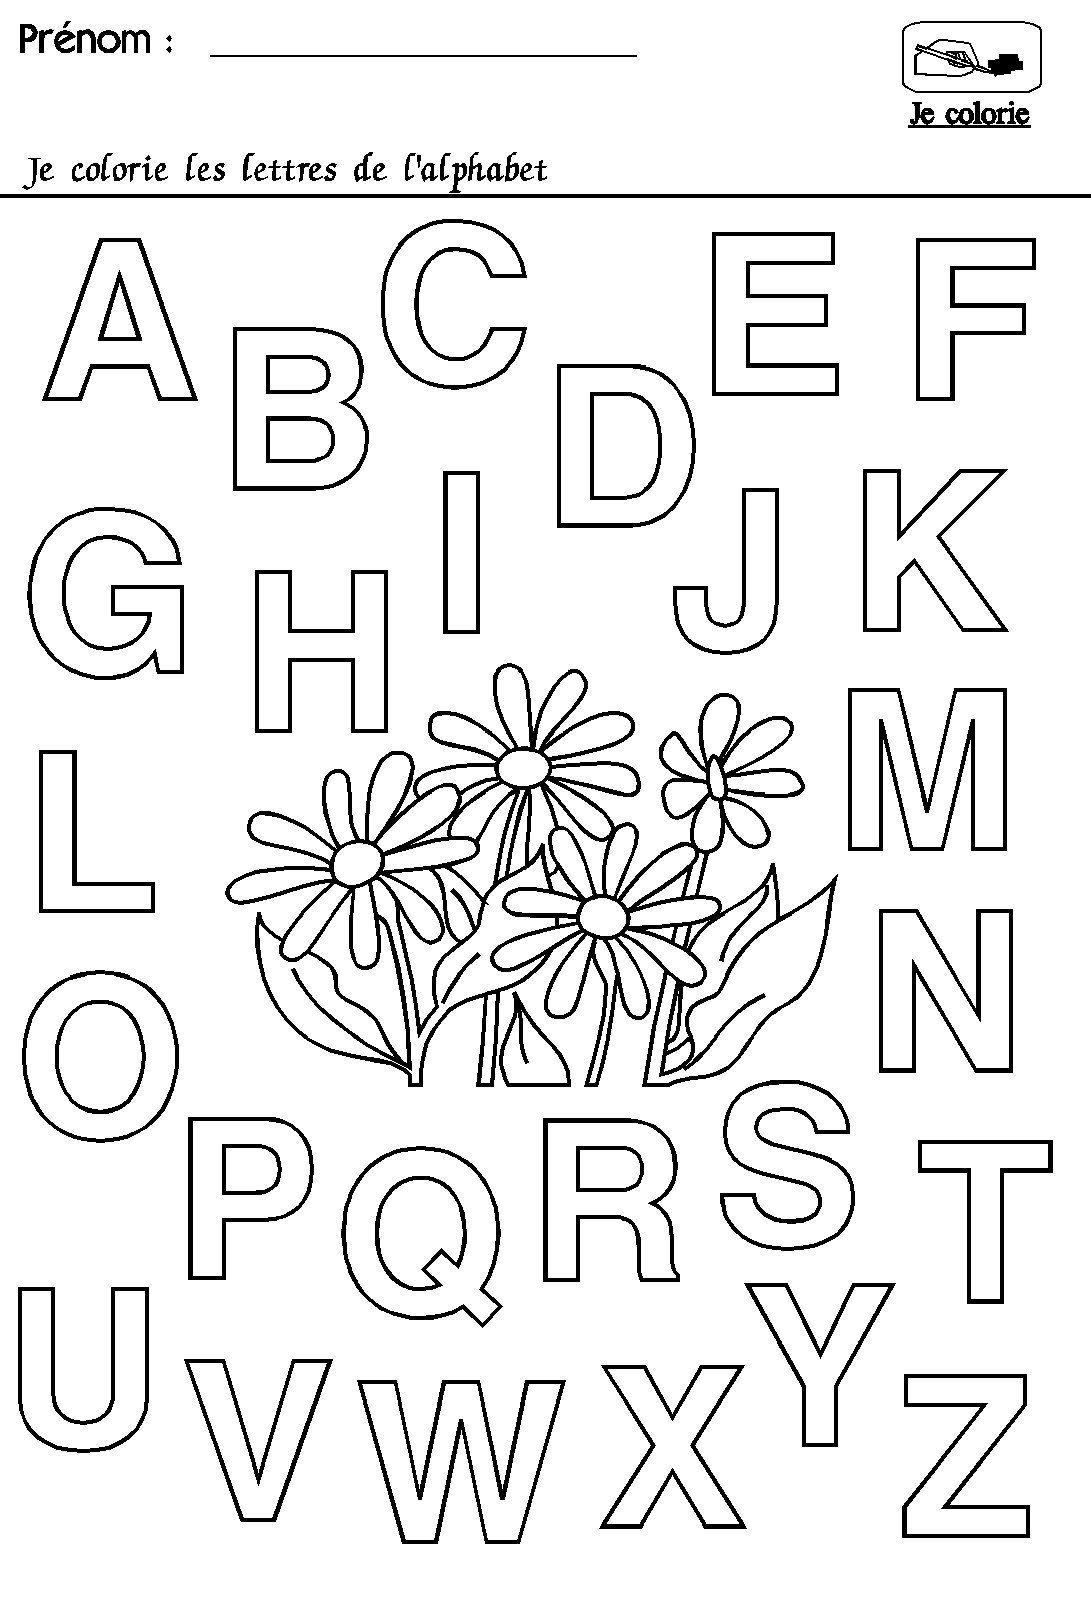 Maternelle Rentrée Des Classes : L'alphabet | Alphabet À destiné Coloriage Classe Maternelle